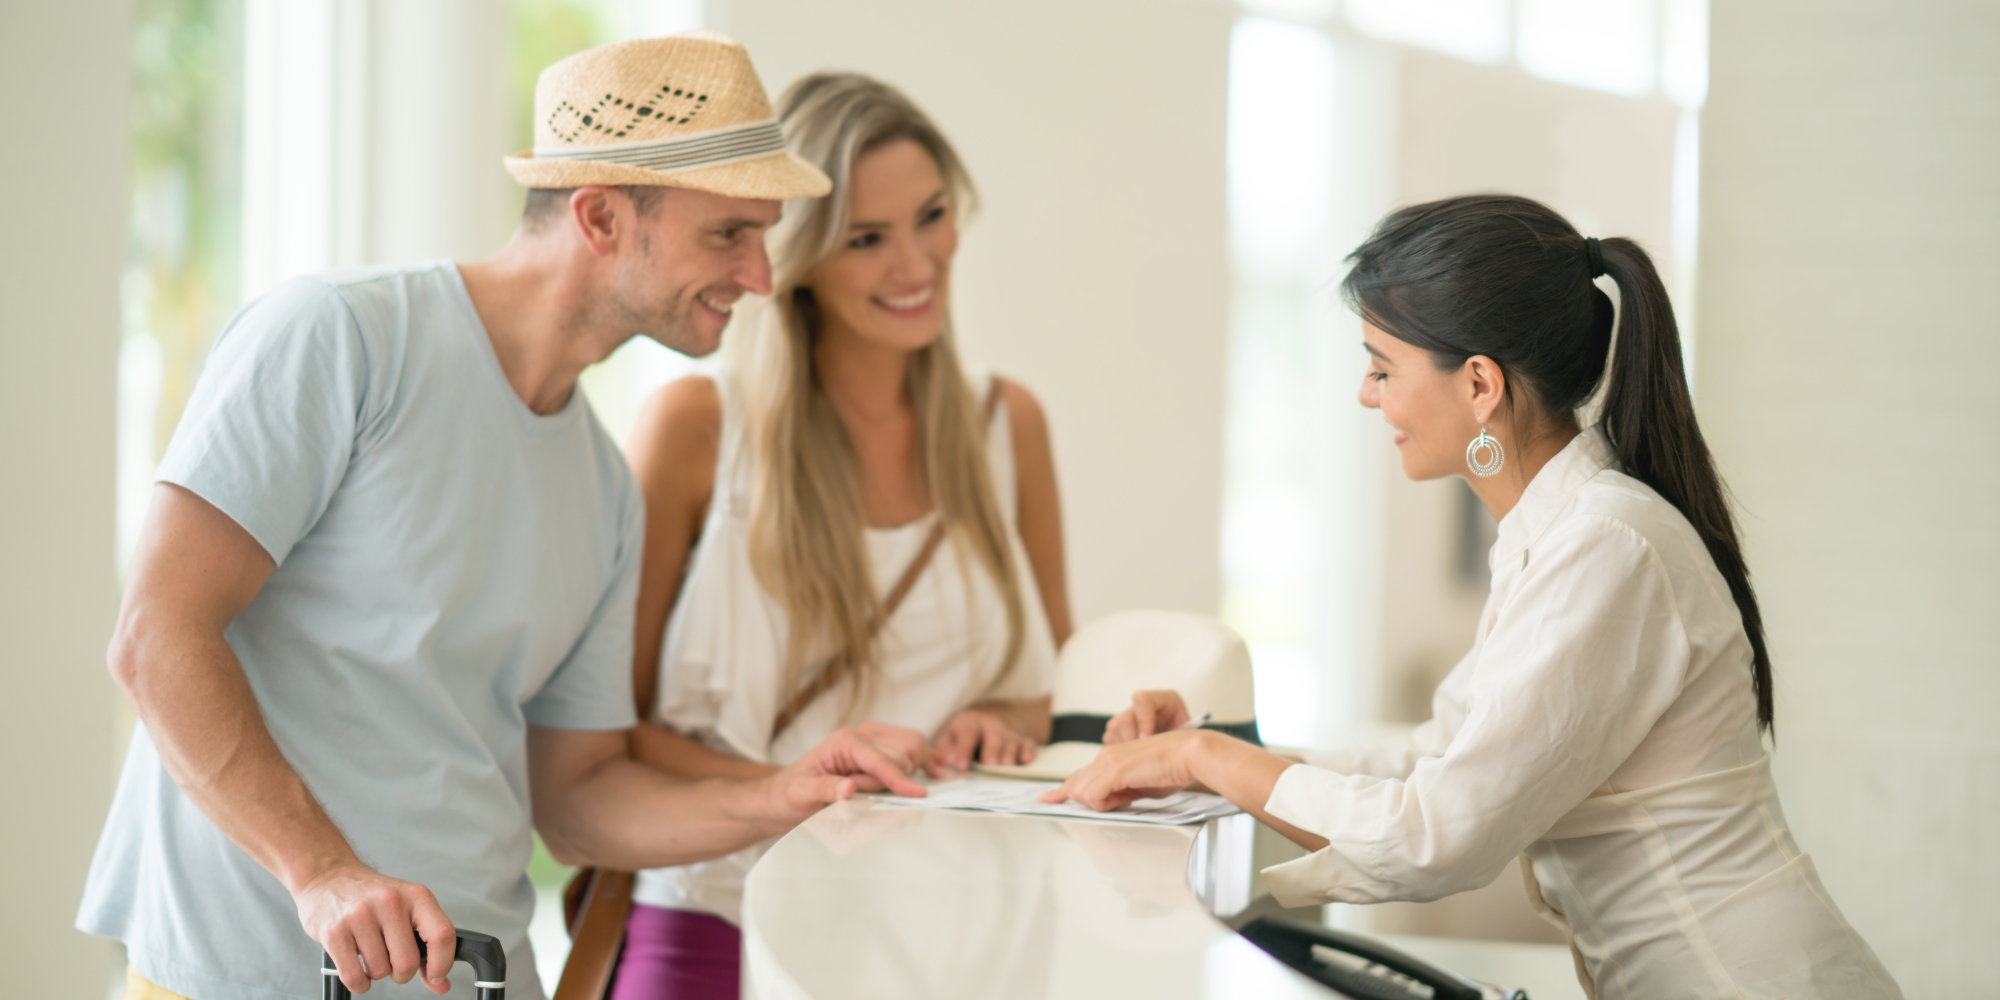 الفندق الأرخص ليس الأفضل في السفر.. كيف تختار مكان للإقامة بأقل التكاليف؟